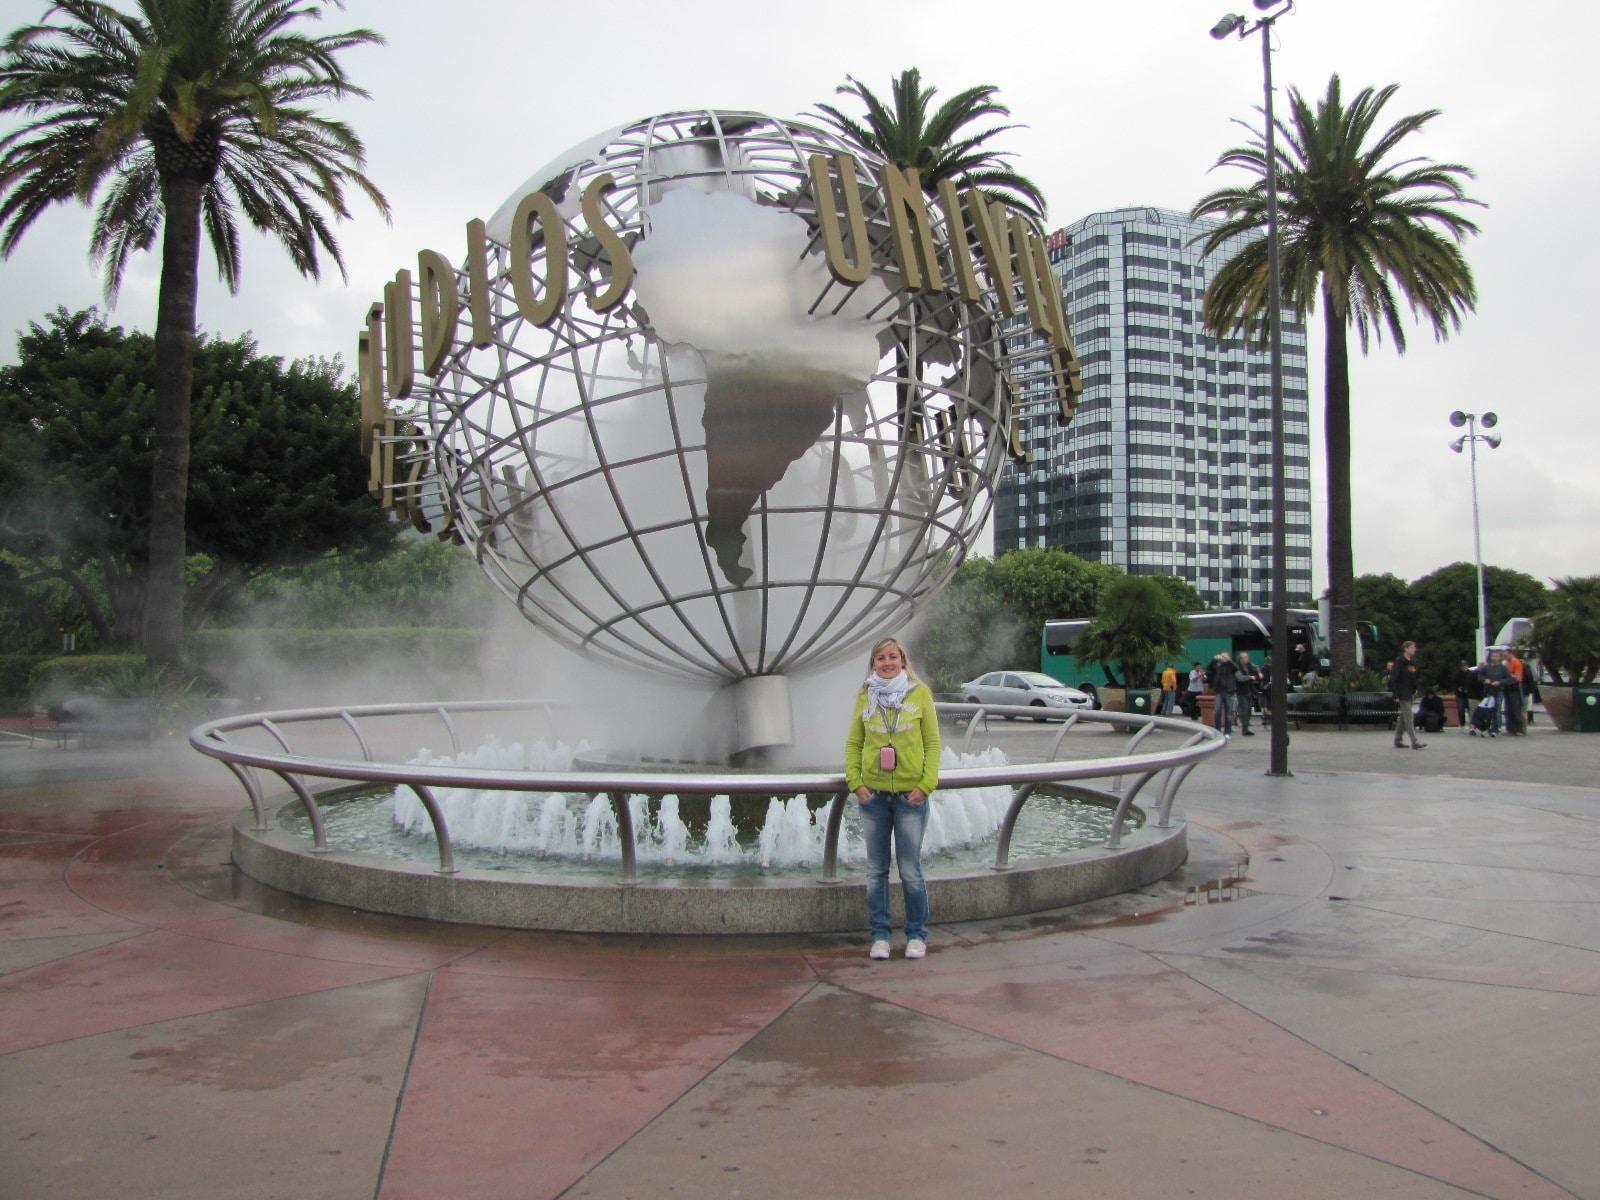 Entrée Universal Studios